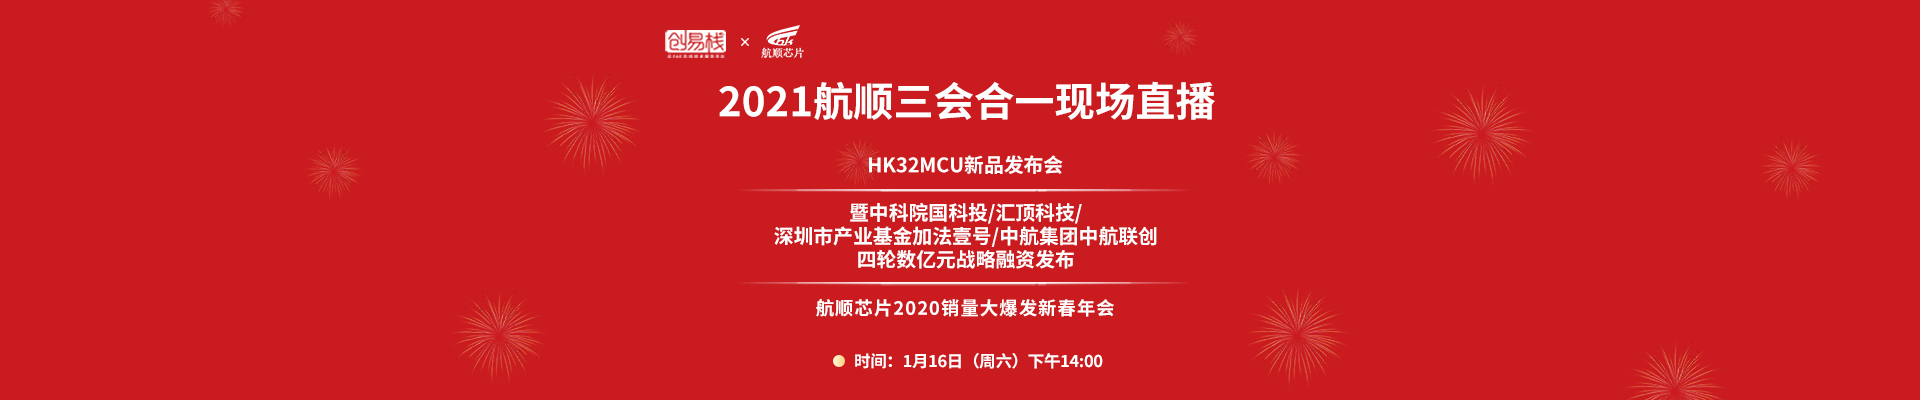 航顺2021航顺HK32MCU新品发布会 / 四轮数亿元战略融资发布 / 航顺芯片2020销量大爆发新春年会 三会合一